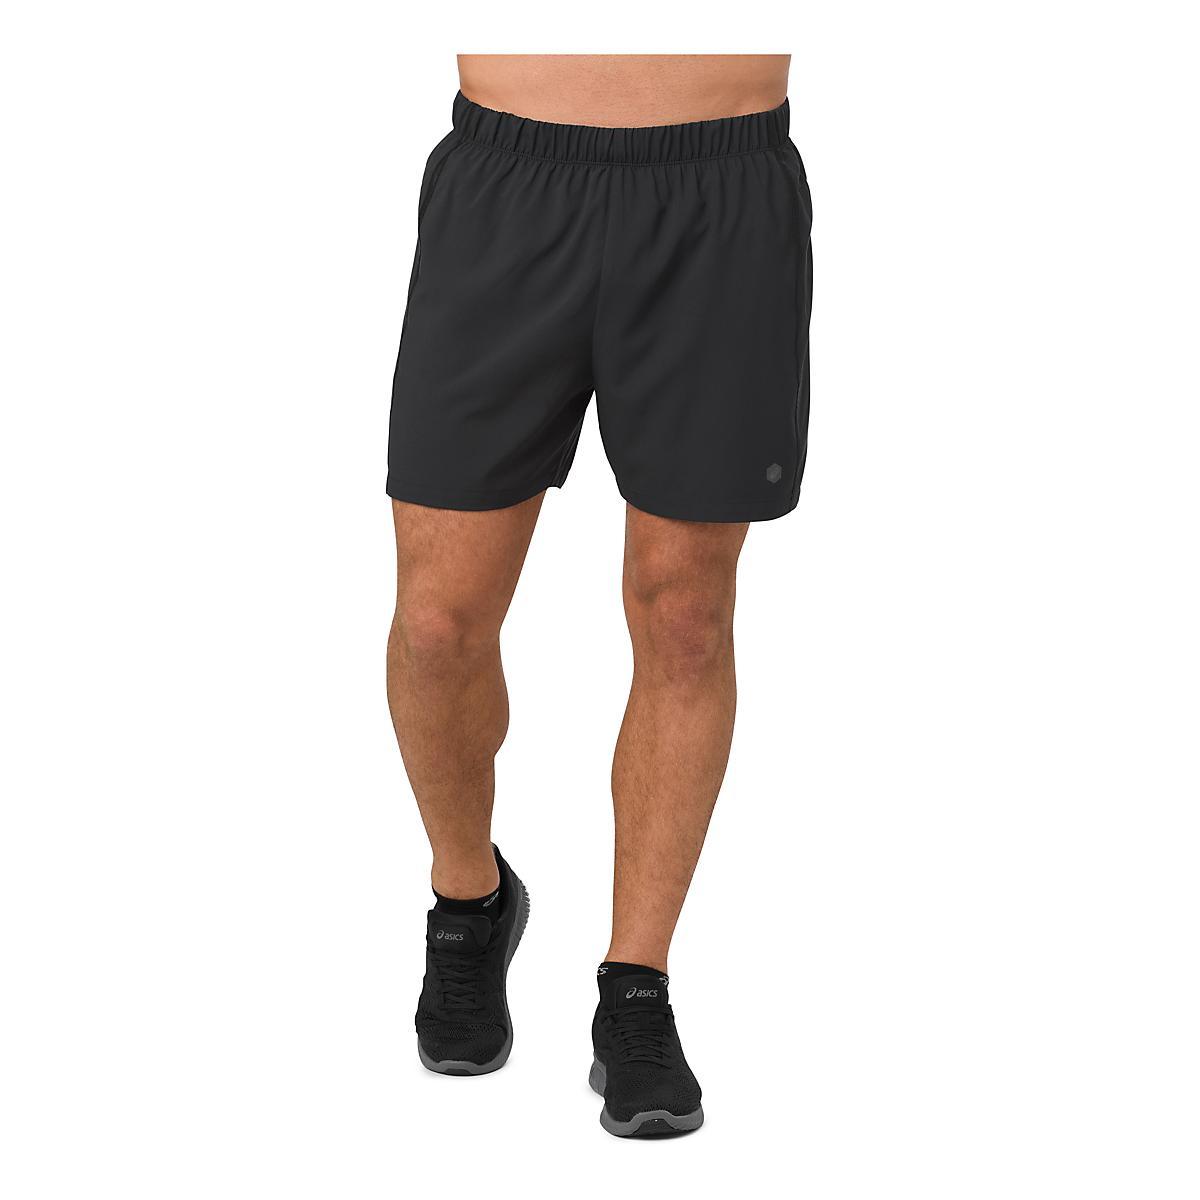 49840b395e Men's 5-inch Short